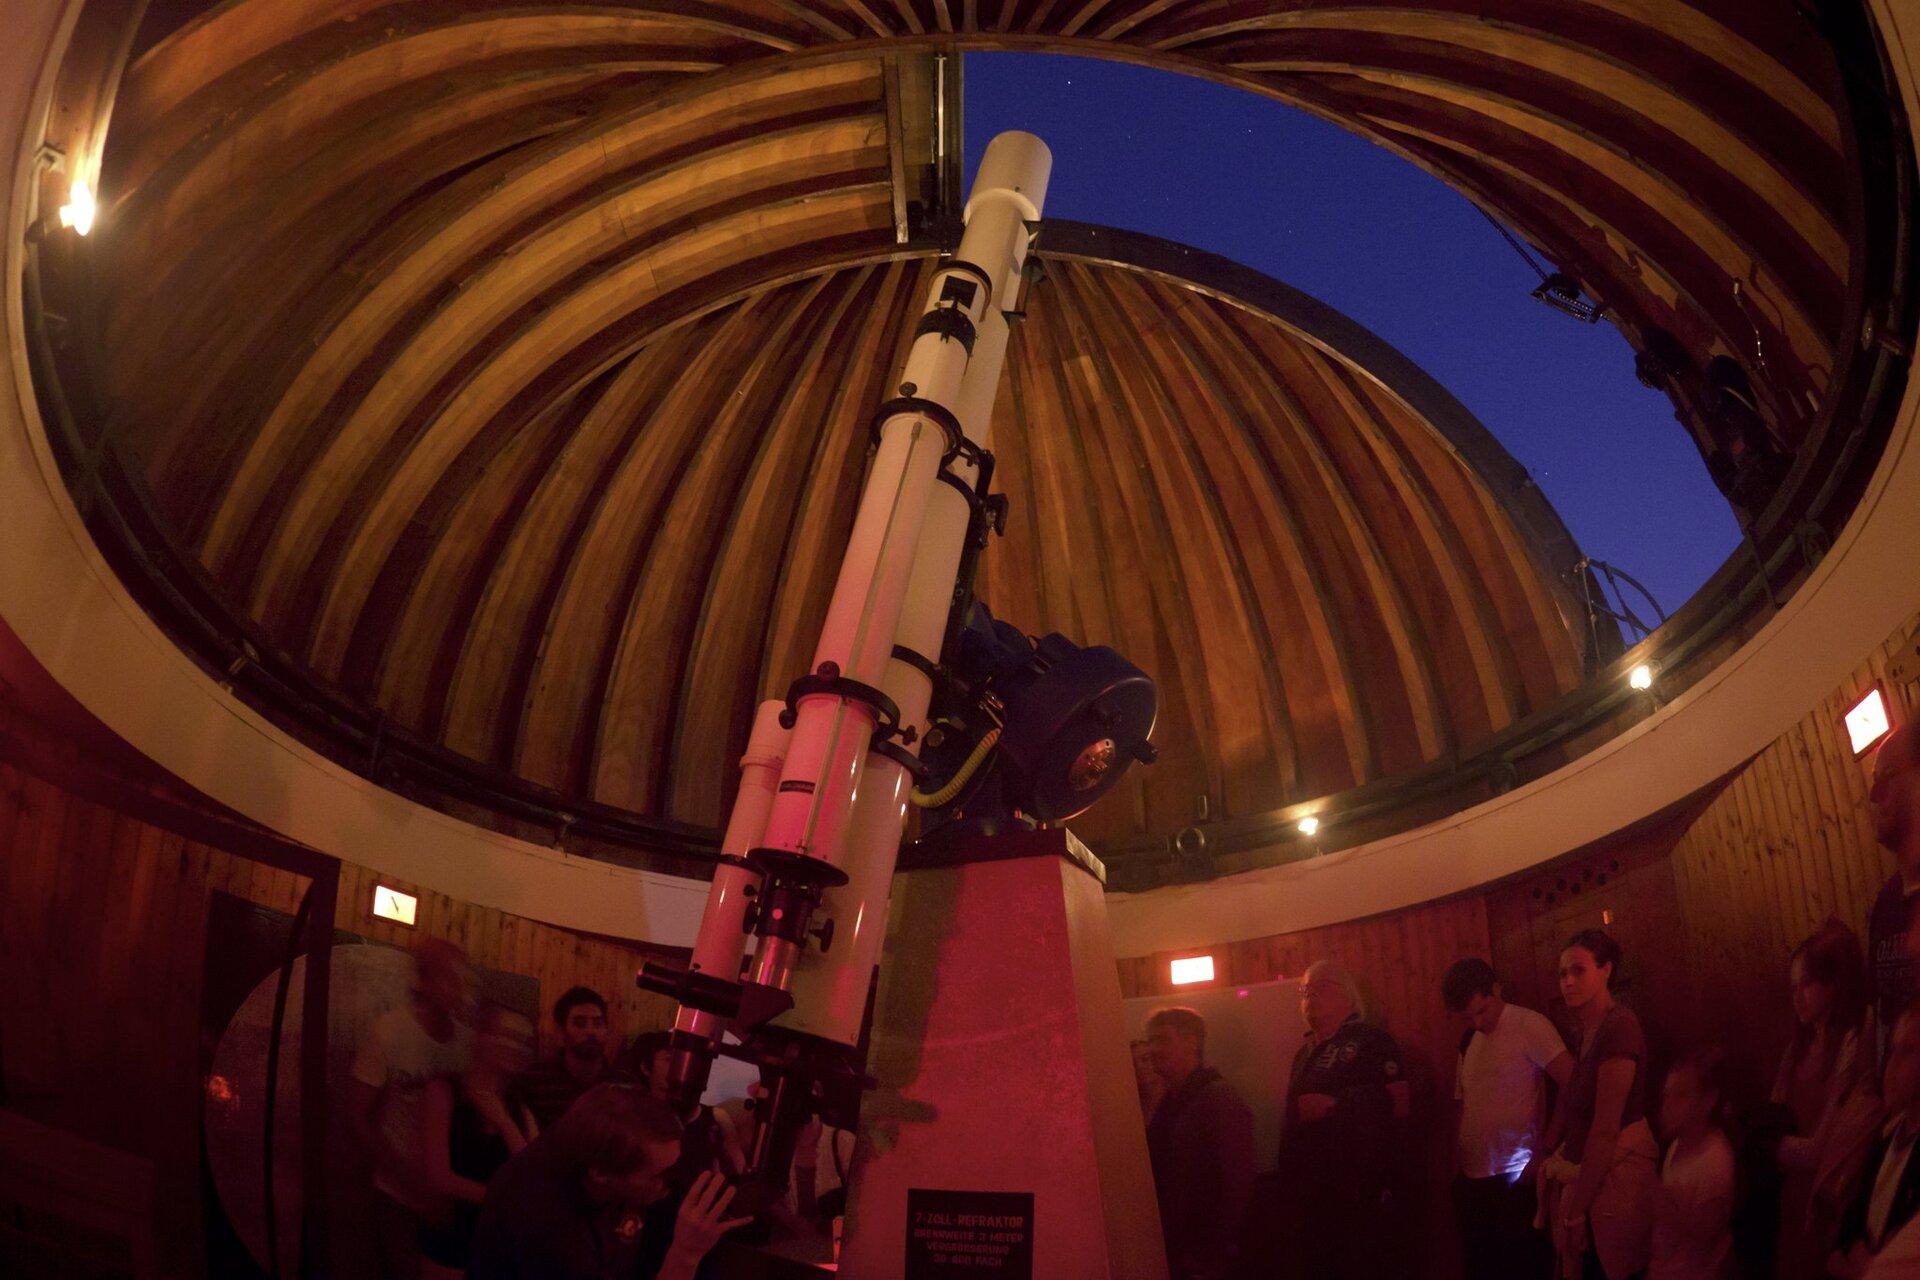 Zdjęcie przedstawia wnętrze obserwatorium wMonachium podczas pokazowej lekcji astronomii. Wkadrze znajduje się długi, ustawiony wpozycji pionowej biały teleskop iotwarta kopuła zwidocznym nocnym niebem. Poniżej wokół teleskopu zebrani ludzie wróżnym wieku. Młody mężczyzna nachylony przed teleskopem spogląda przez okular.